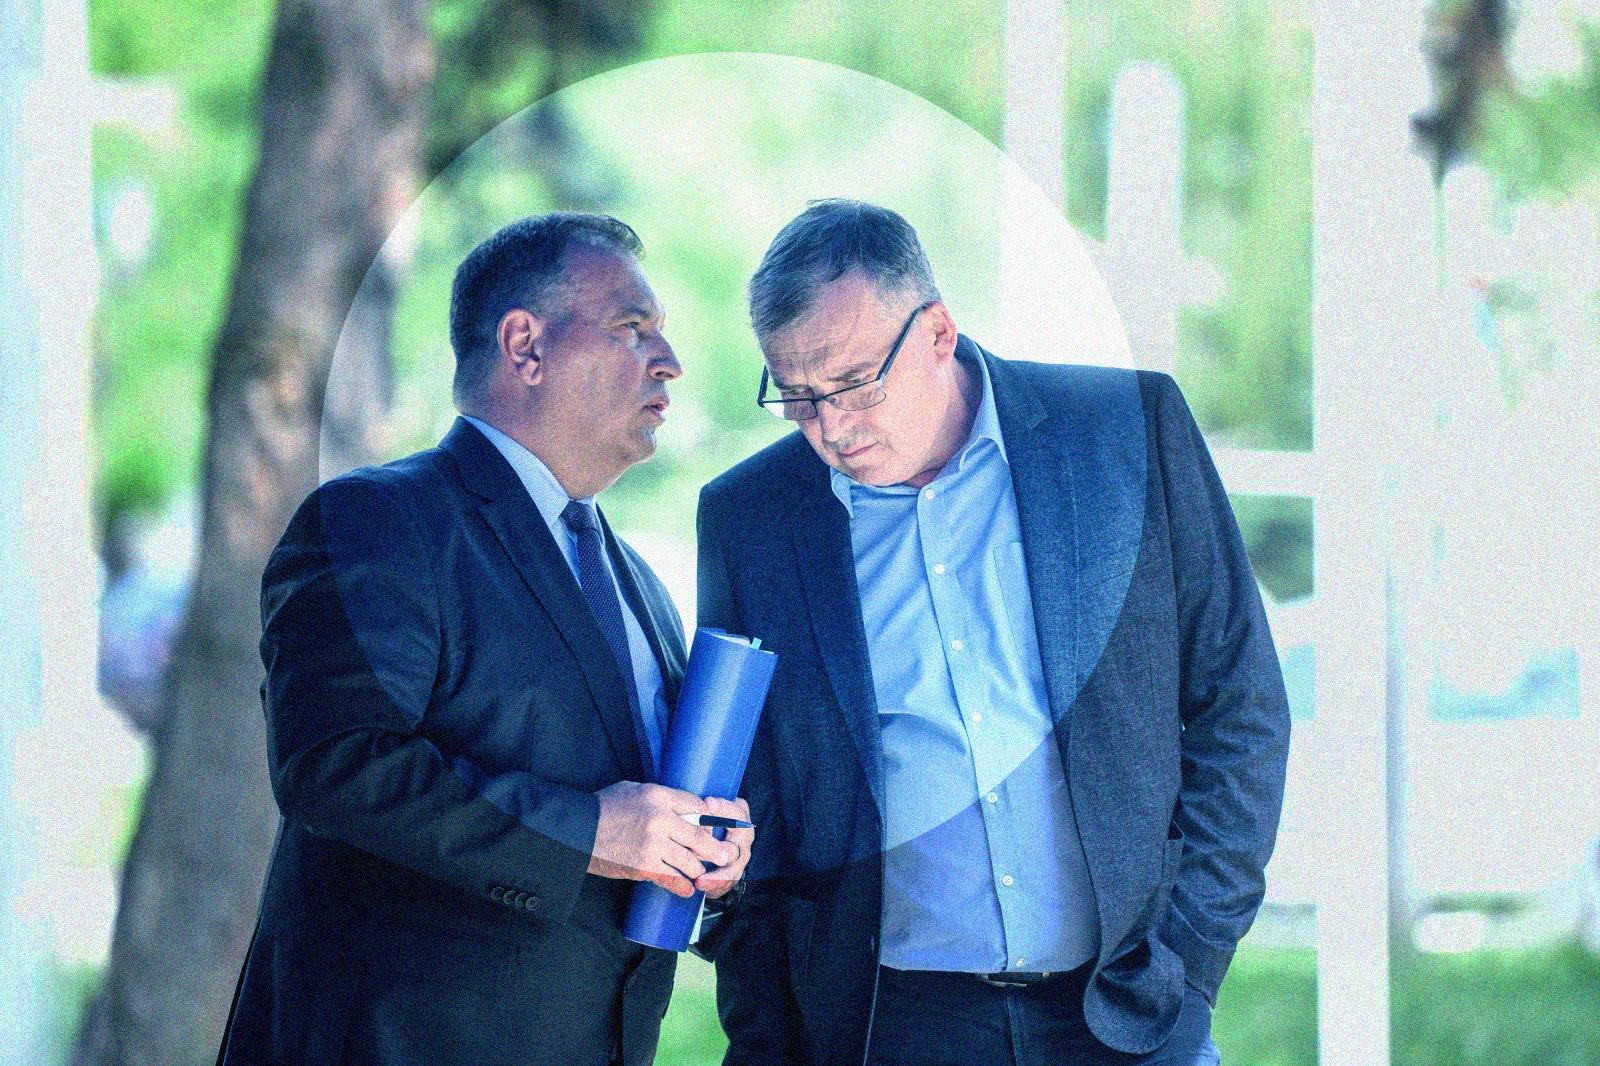 Je li u ovom trenutku zbilja neopravdano spominjati ostavke ministra Beroša i šefa HZJZ-a Capaka?